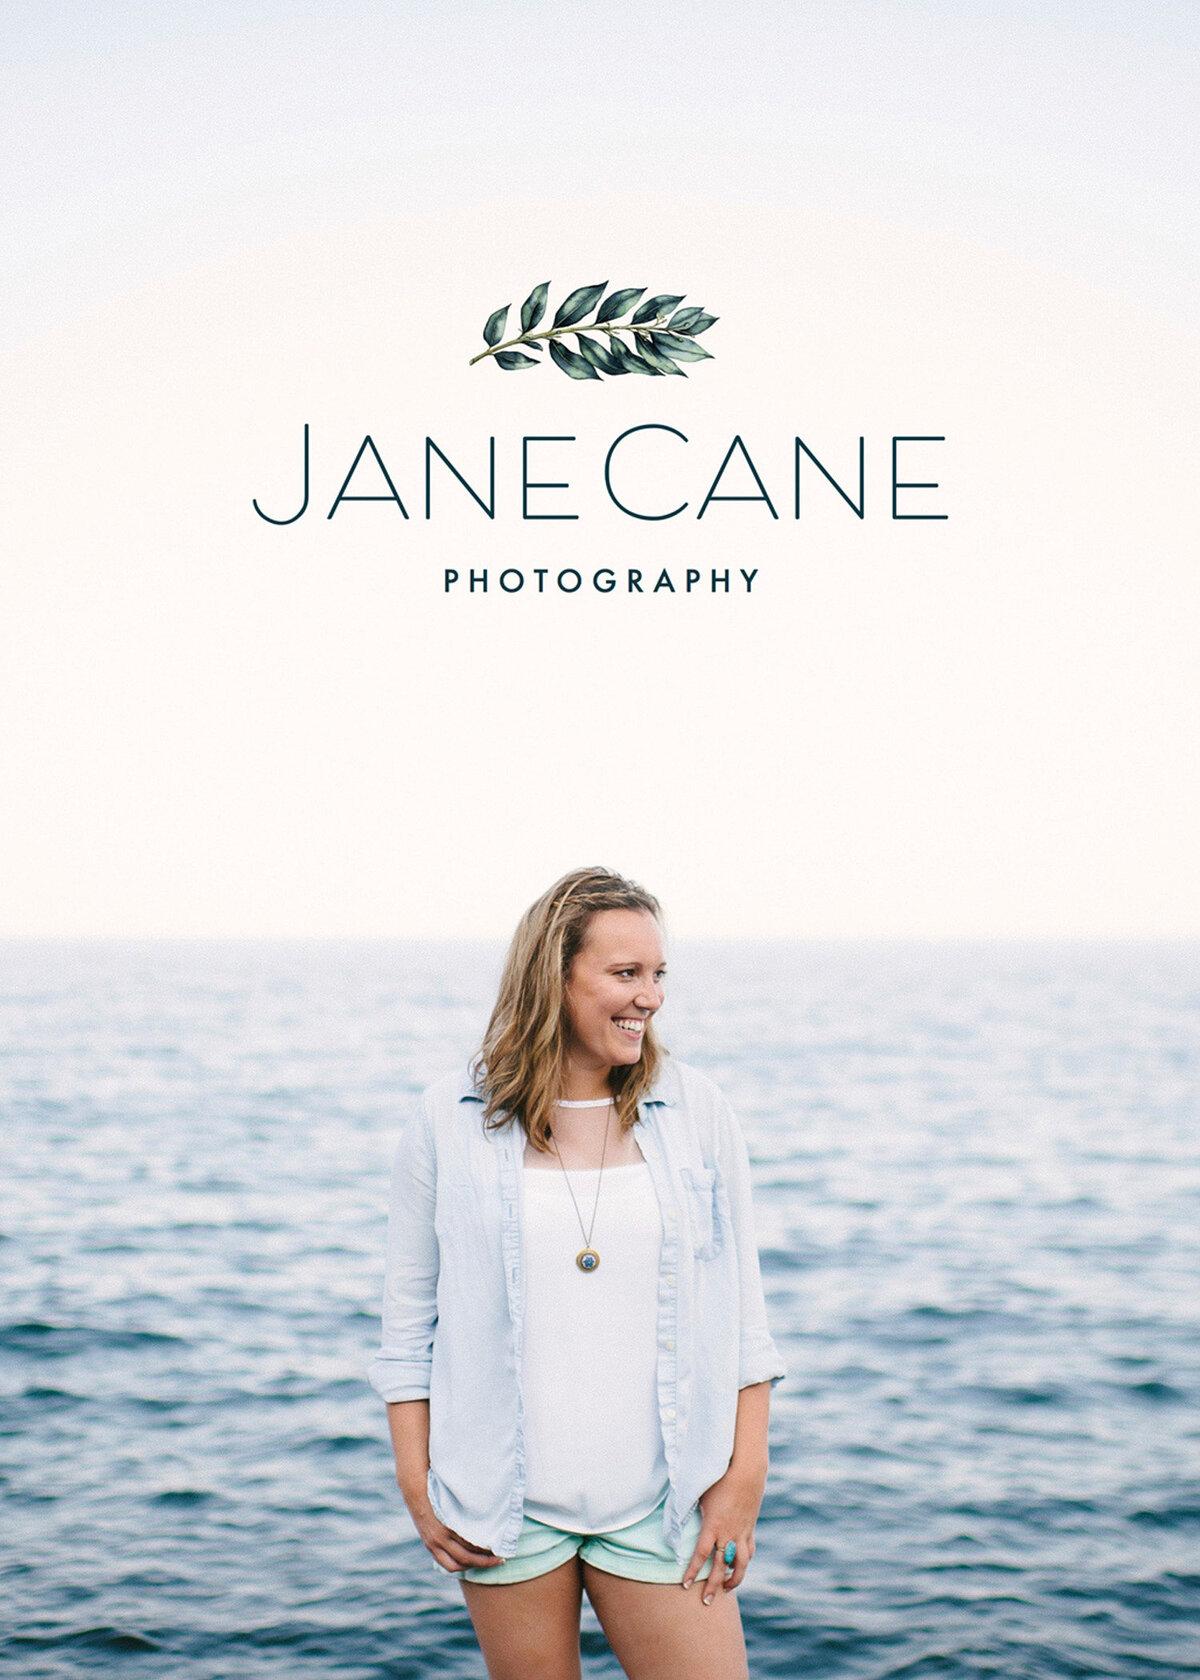 Jane Cane